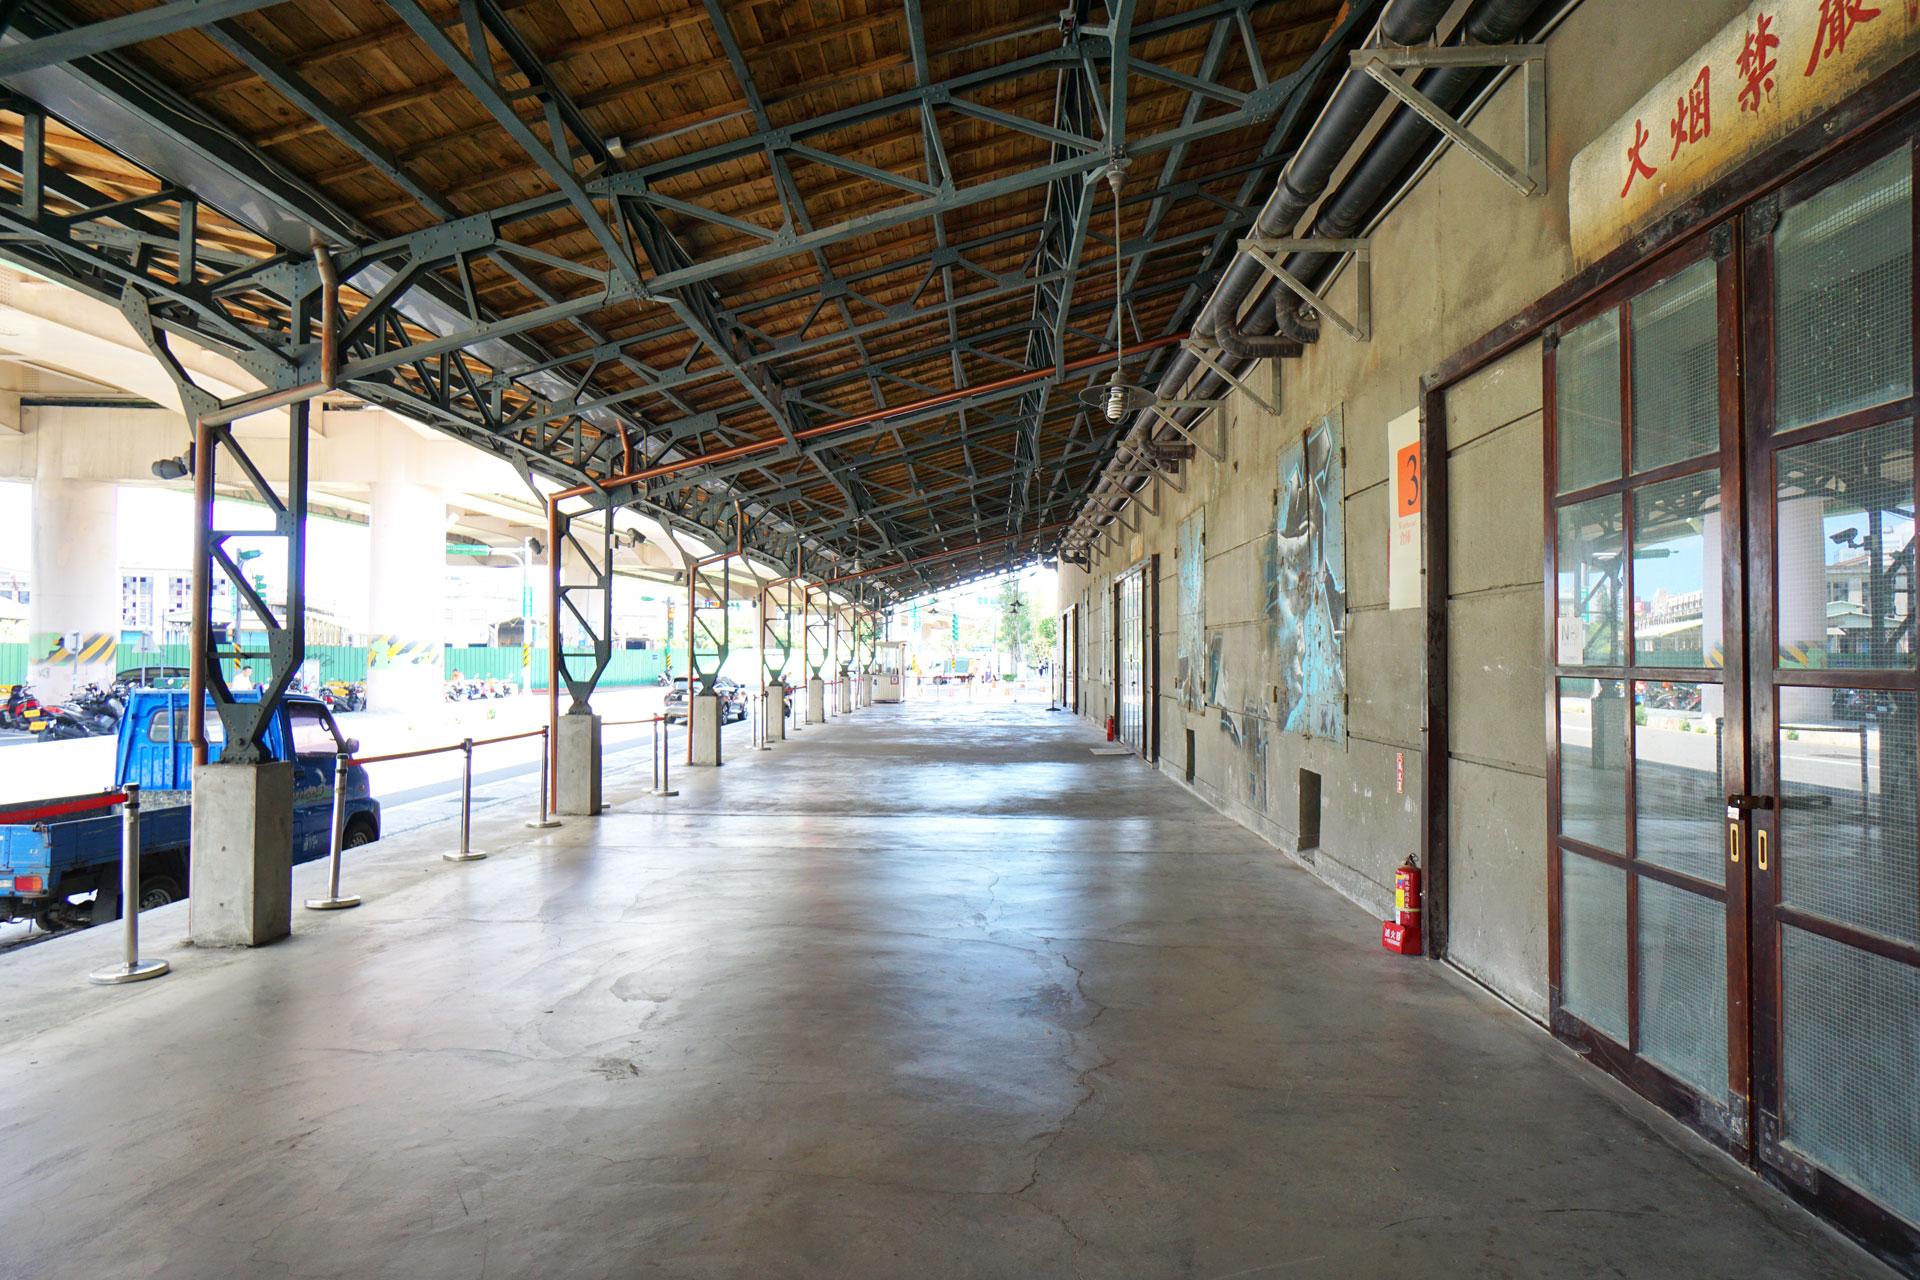 Lagerhallen die zu Event-Locations und Galerien umfunktioniert wurden im Songshan Cultural and Creative Park